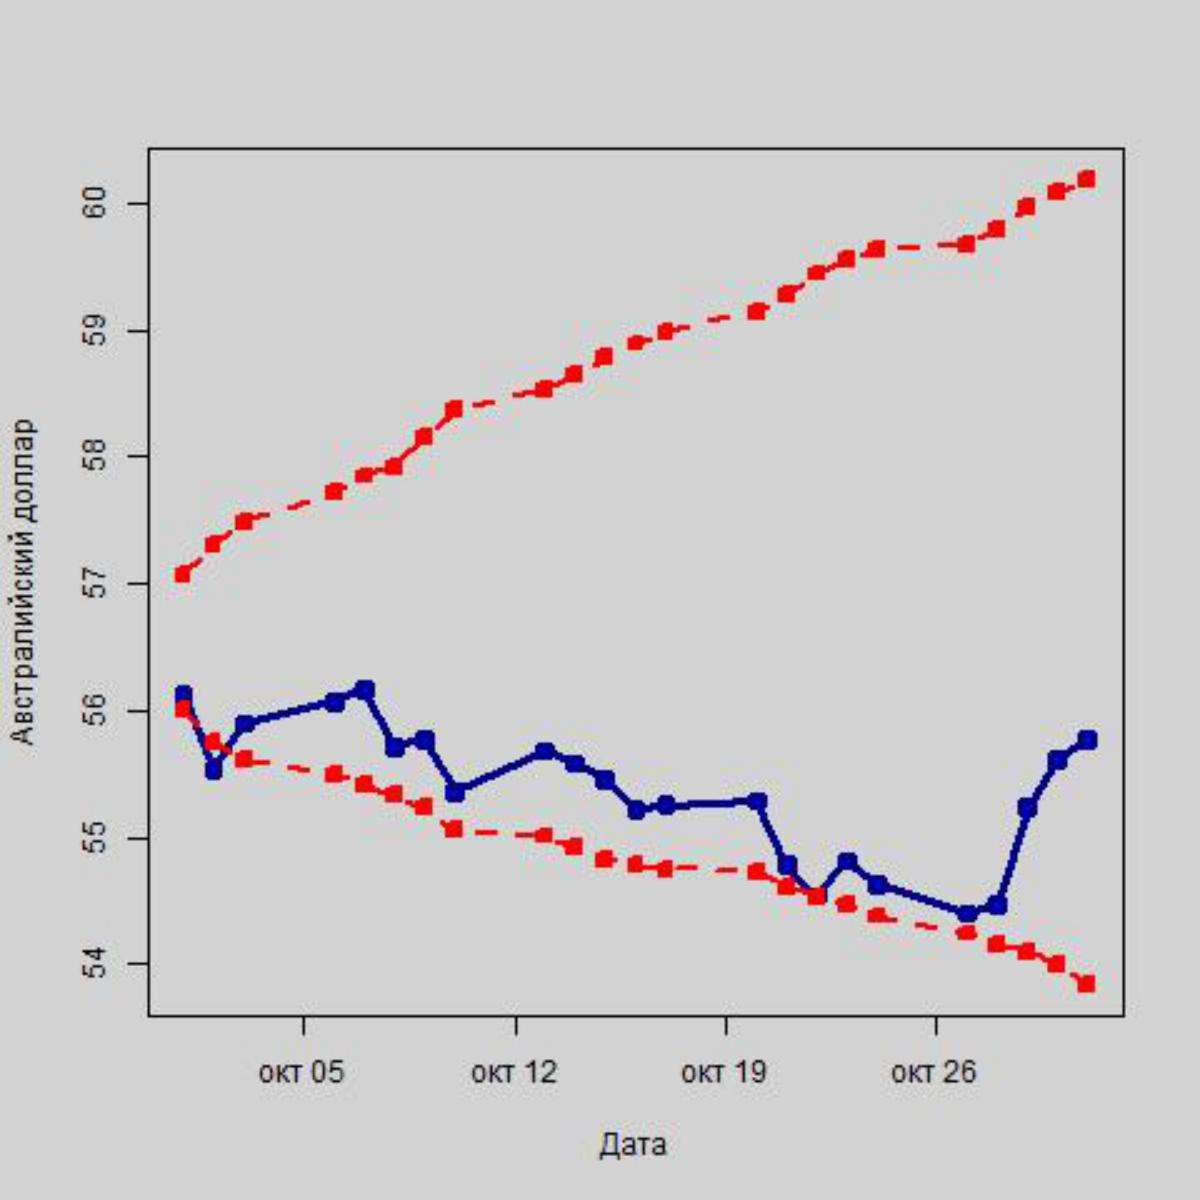 Обнулят ли курс рубля цены на нефть в ноябре?